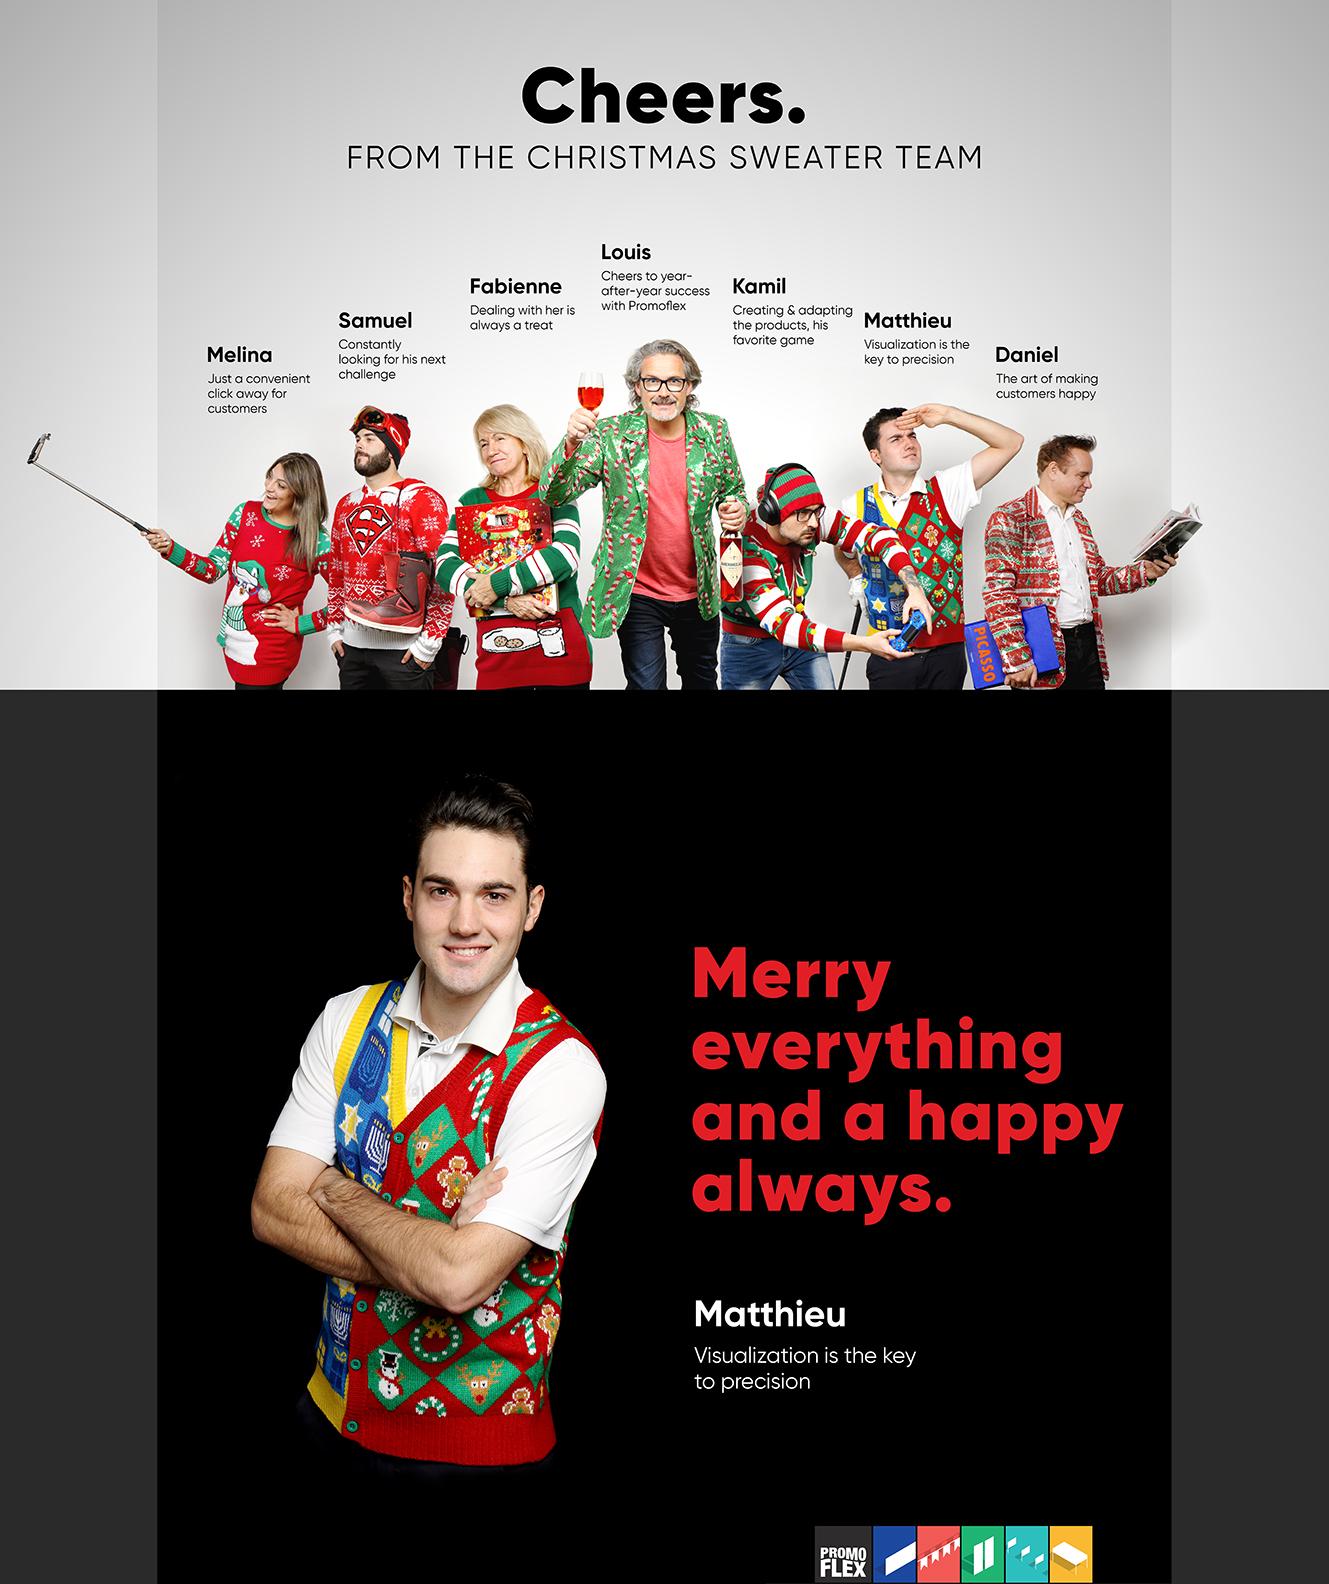 Holiday_sending_2018_grp_matthieu_en.jpg (891 KB)